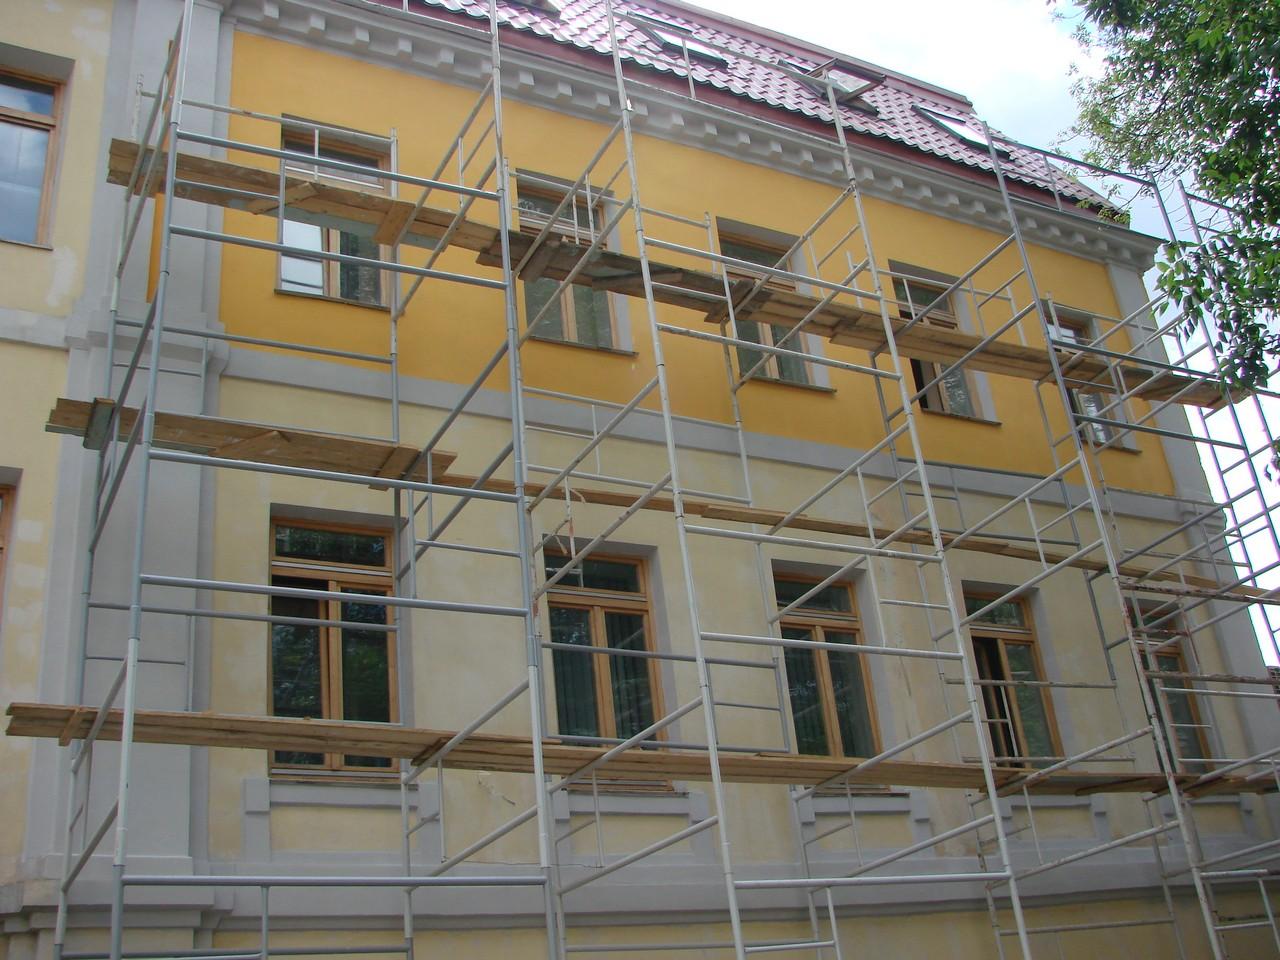 усиление конструкций здания это капитальный ремонт или реконструкция